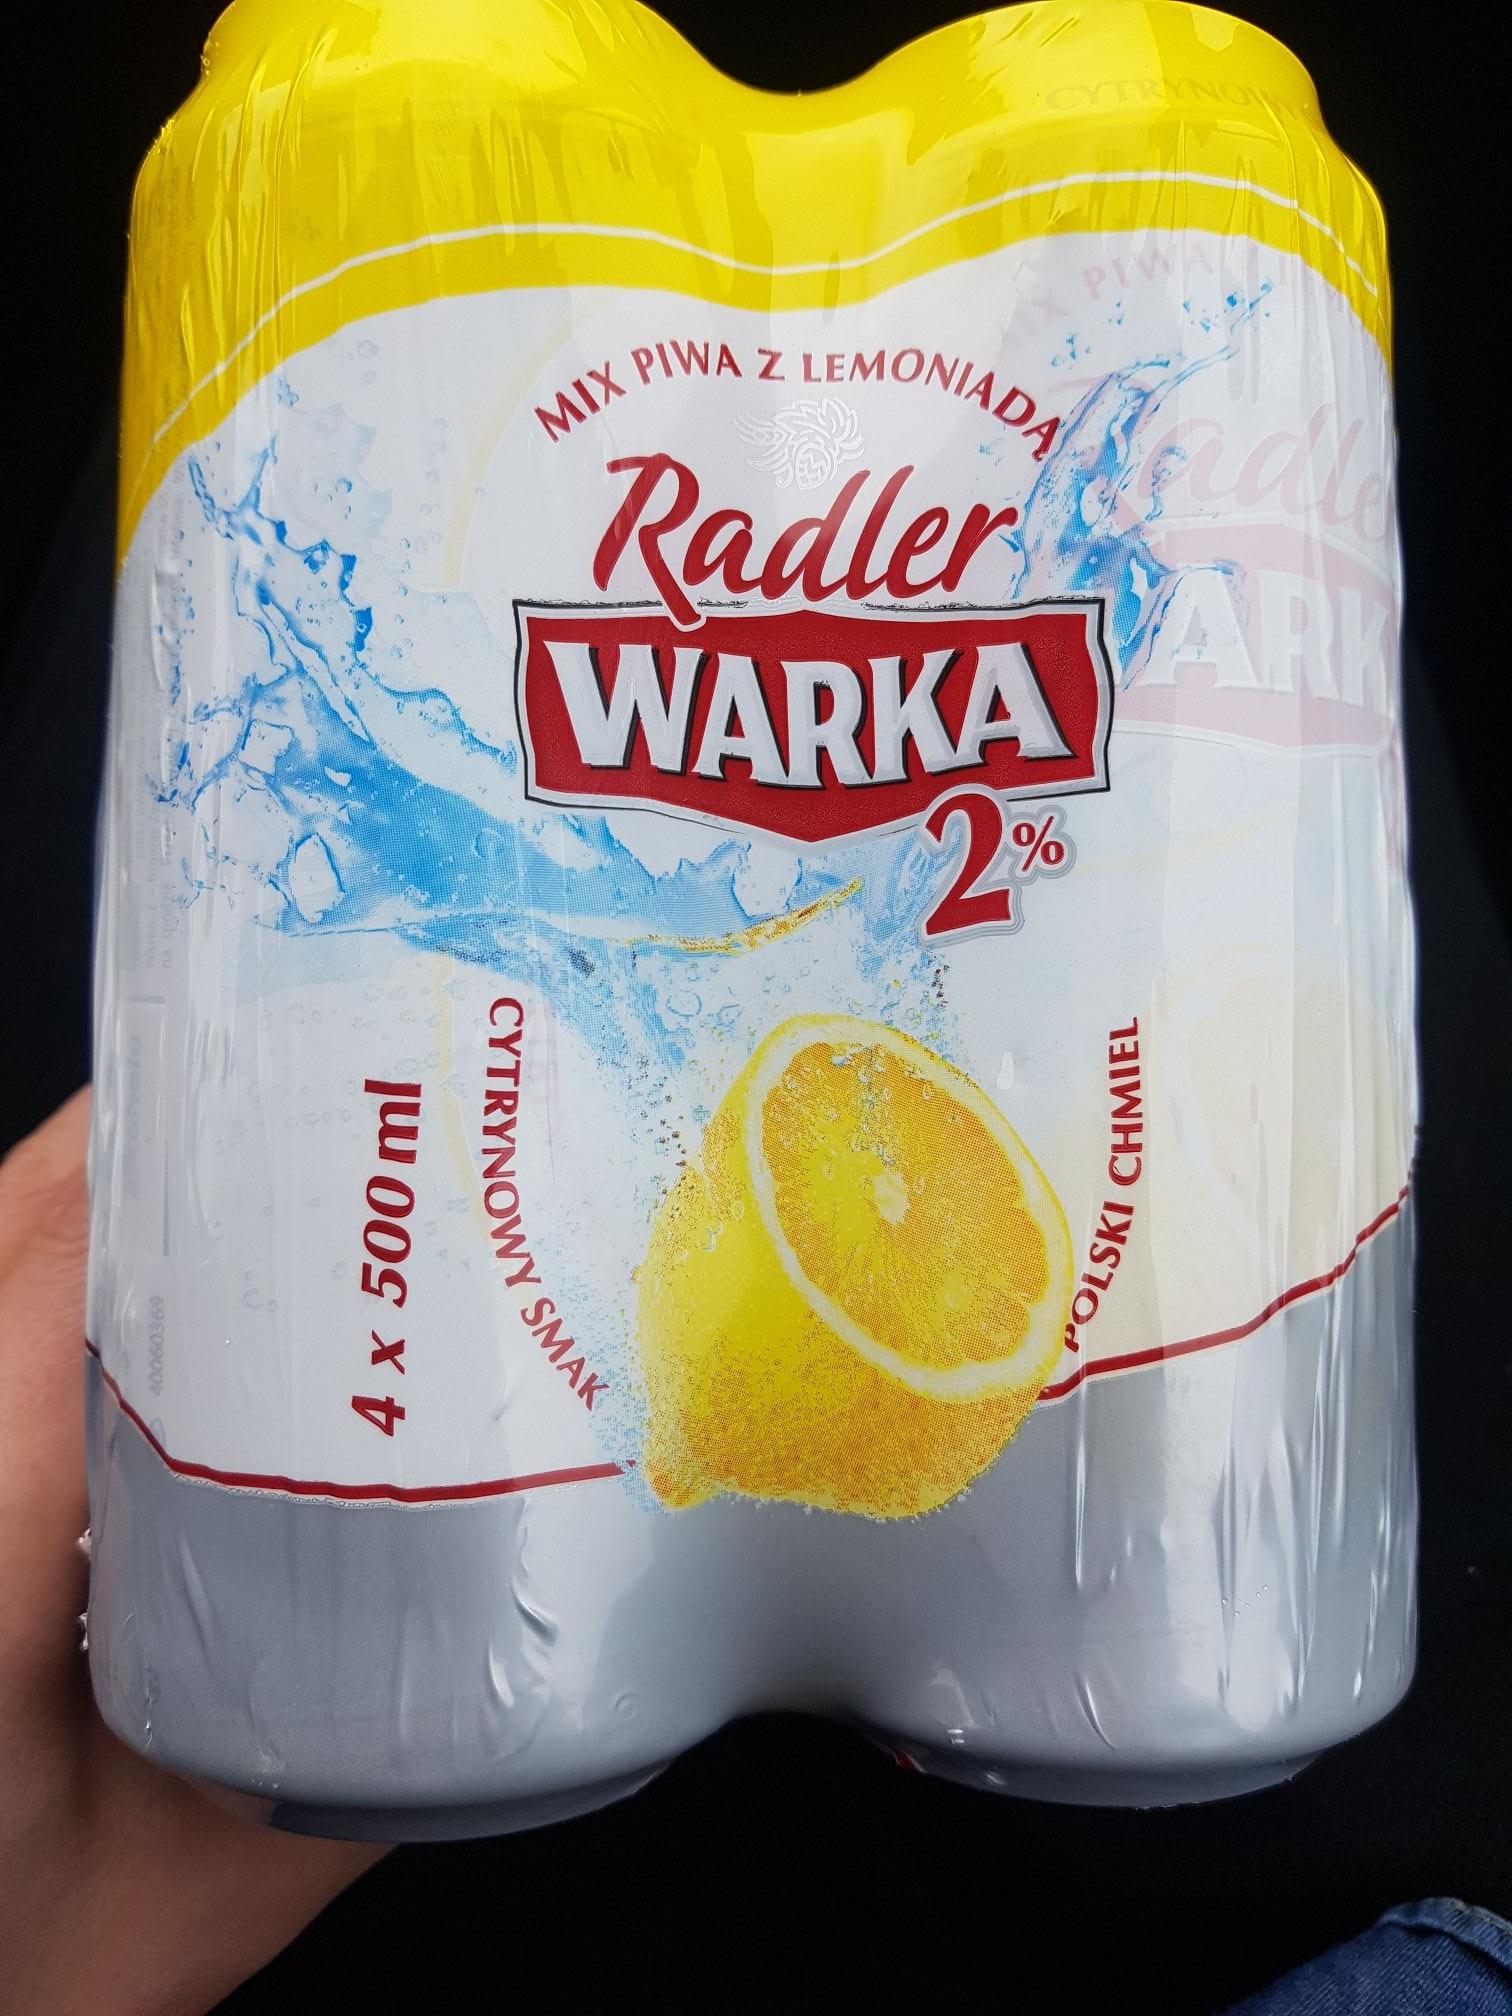 Warka radler cytrynowa 2% - Lidl